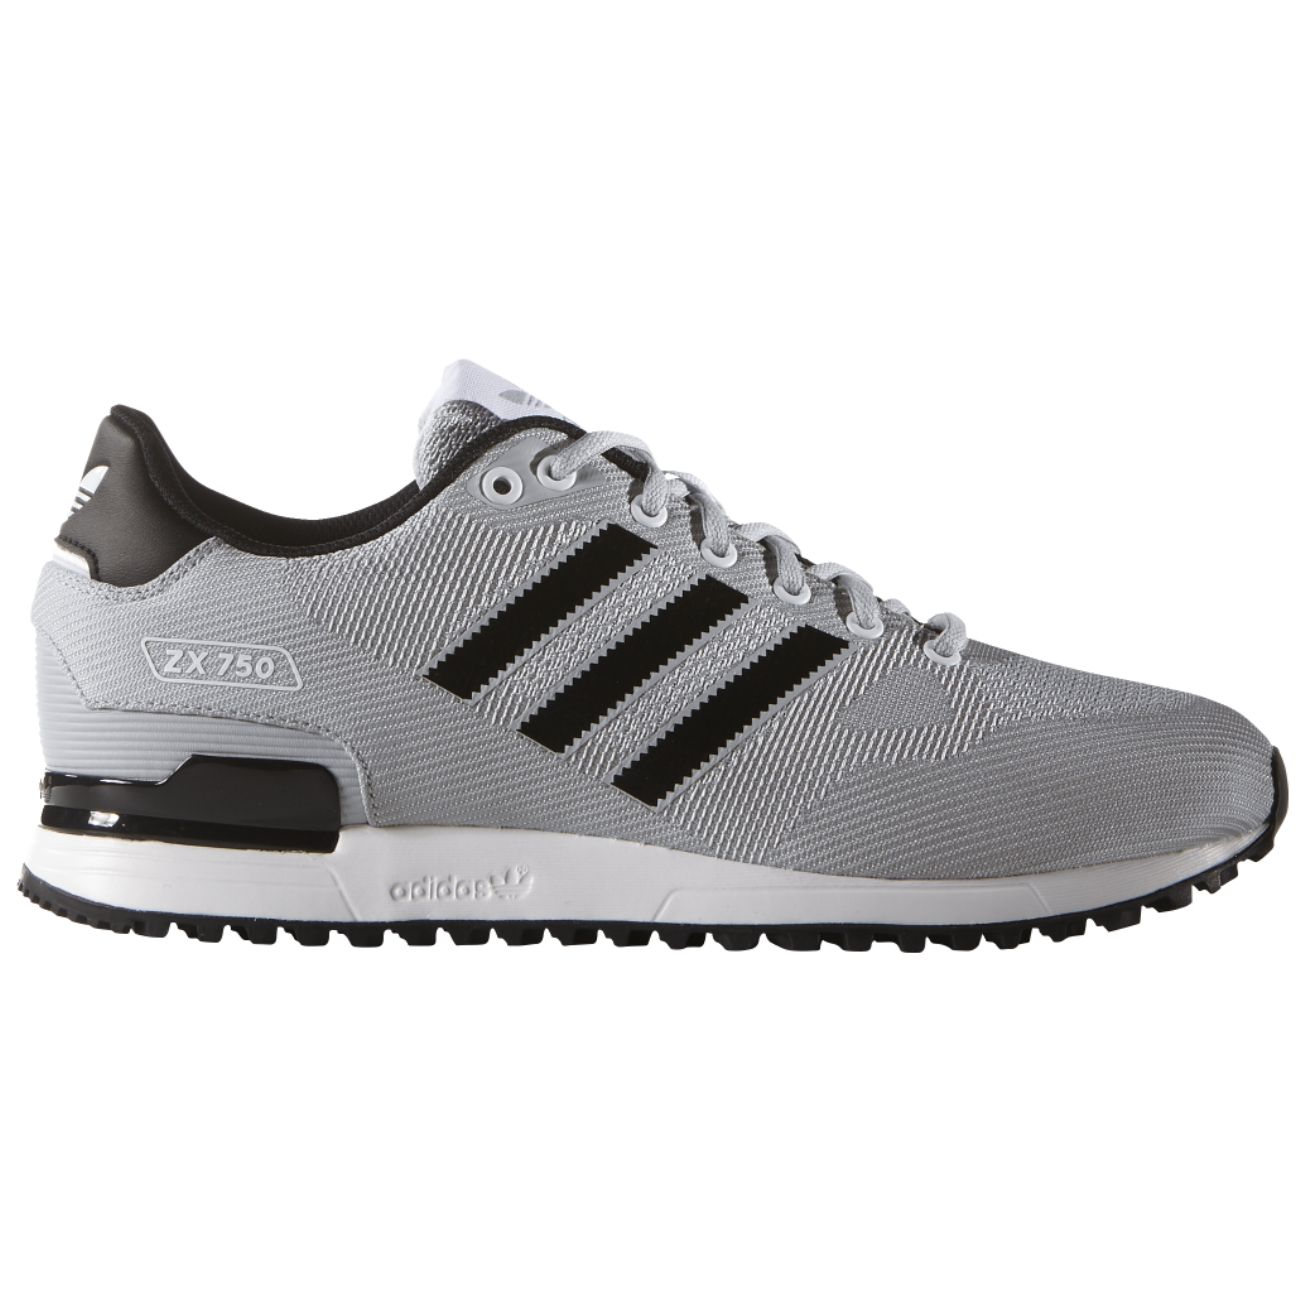 32a5daafcf3399 ... switzerland adidas originals zx 750 schuhe turnschuhe sneaker herren  4724f a7d8e